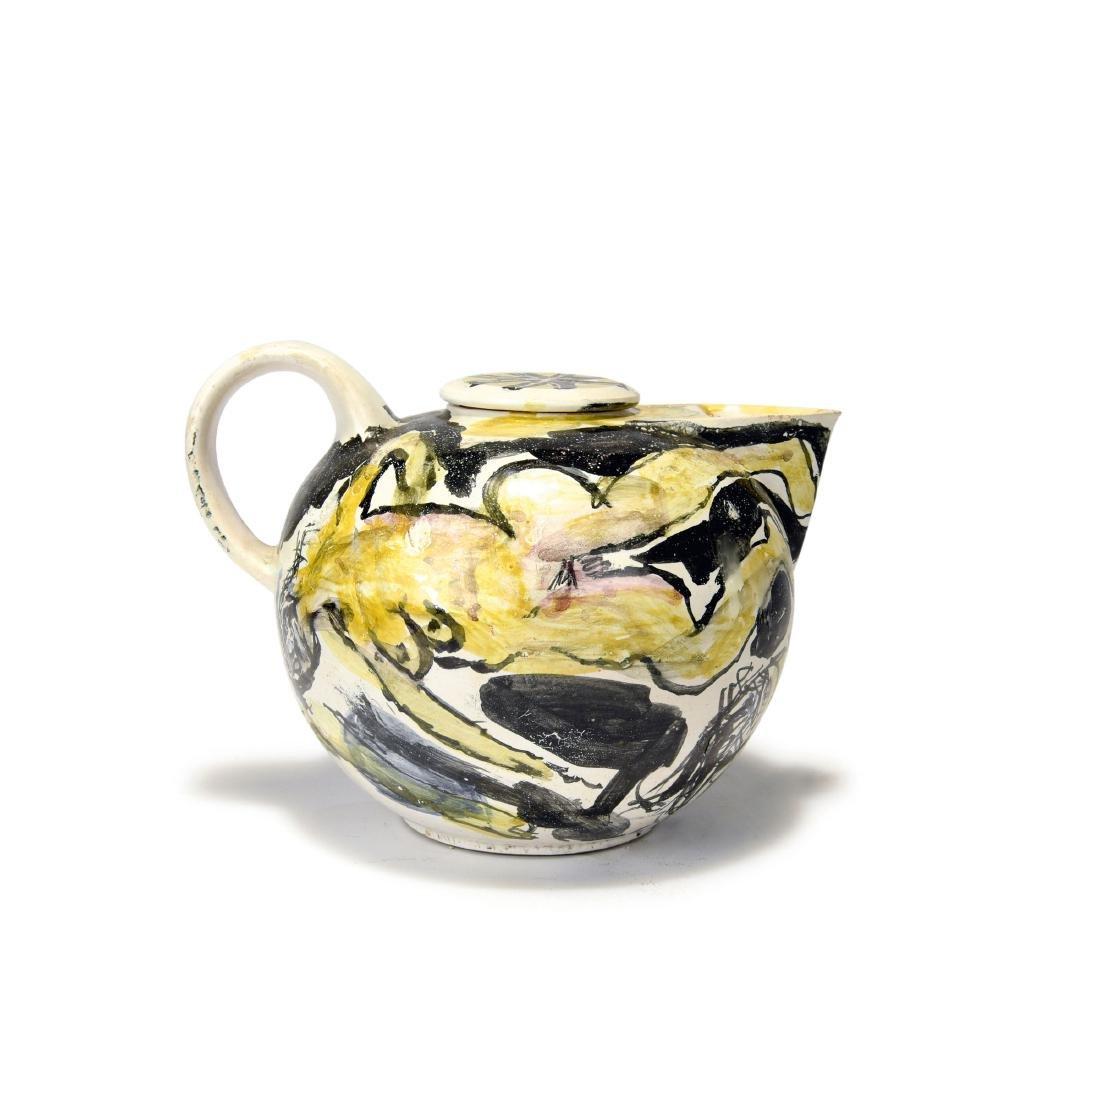 Teapot, c. 1970